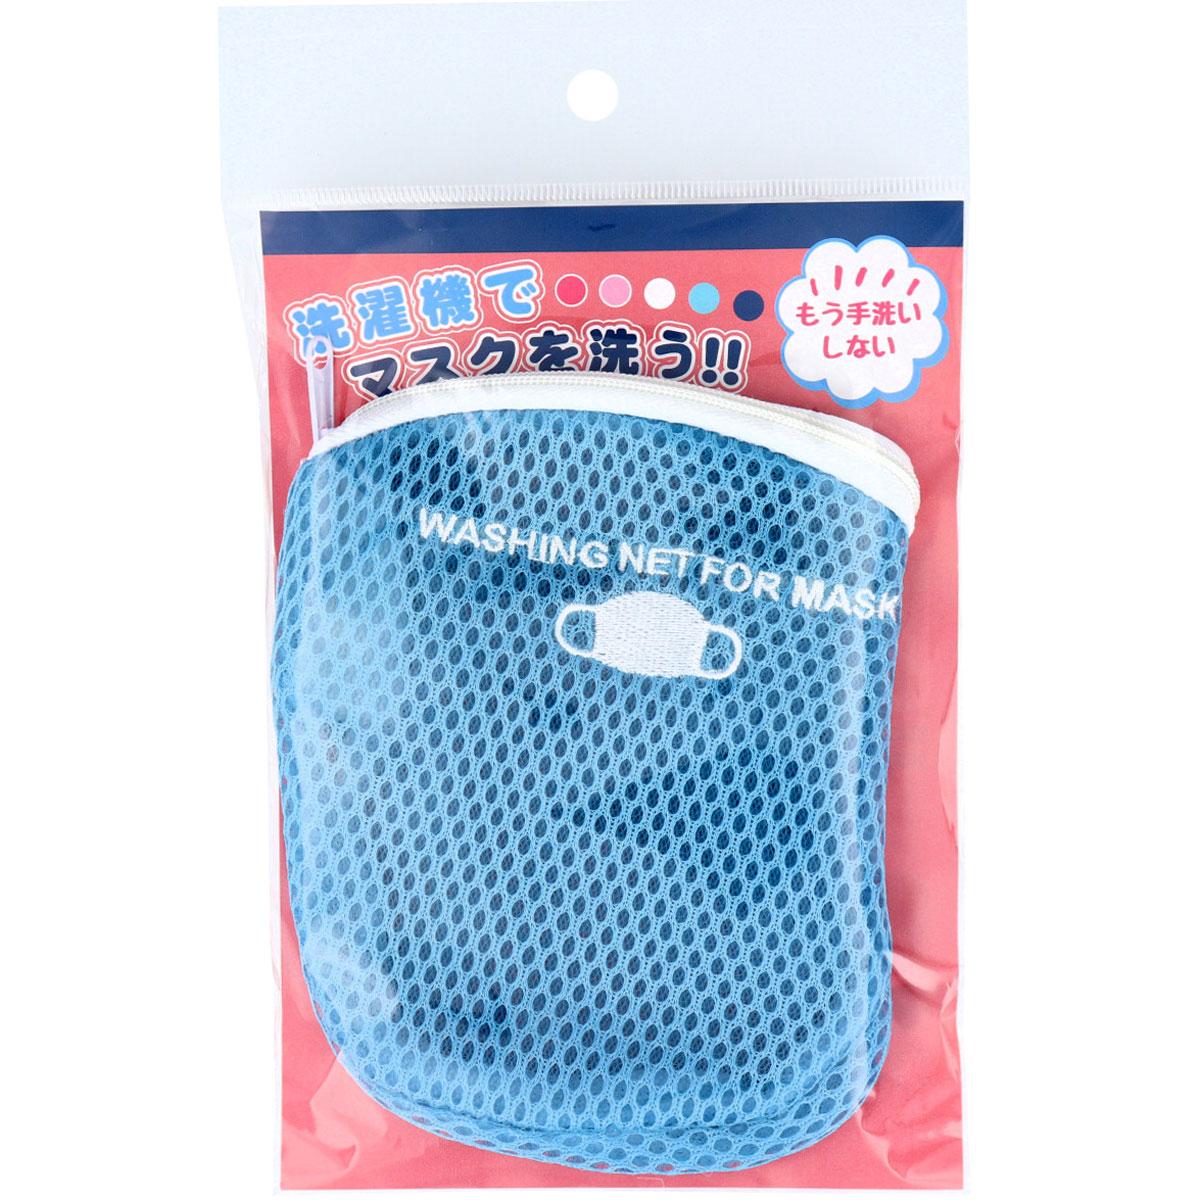 マスク専用洗濯ネット ブルー 1枚入